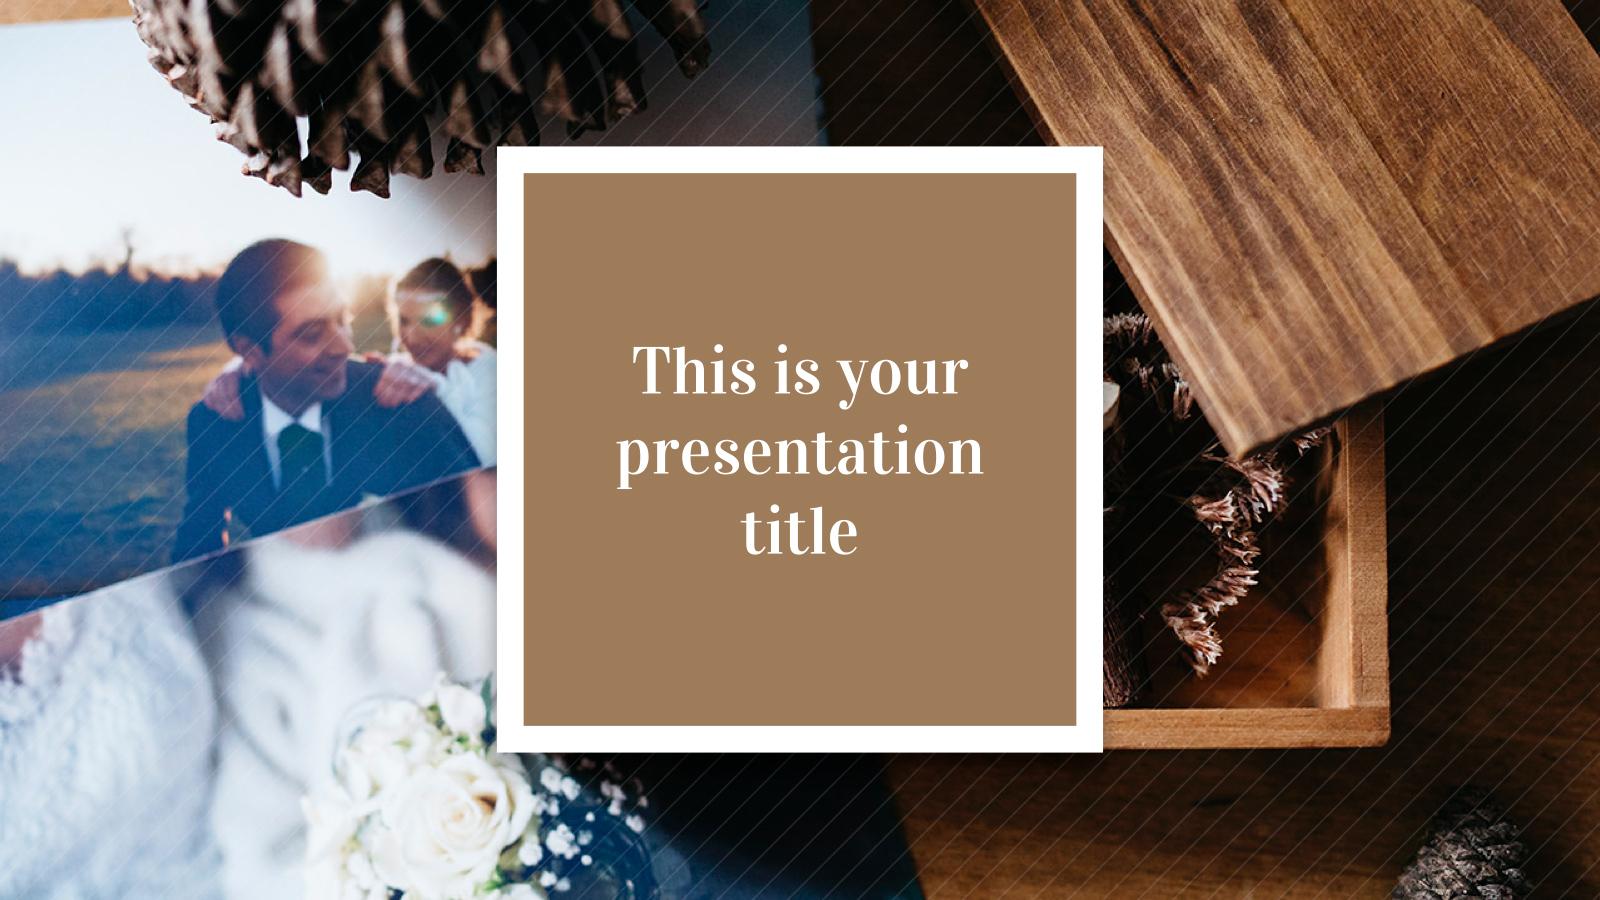 Helicanus free powerpoint template google slides theme helicanus free powerpoint template google slides theme toneelgroepblik Gallery